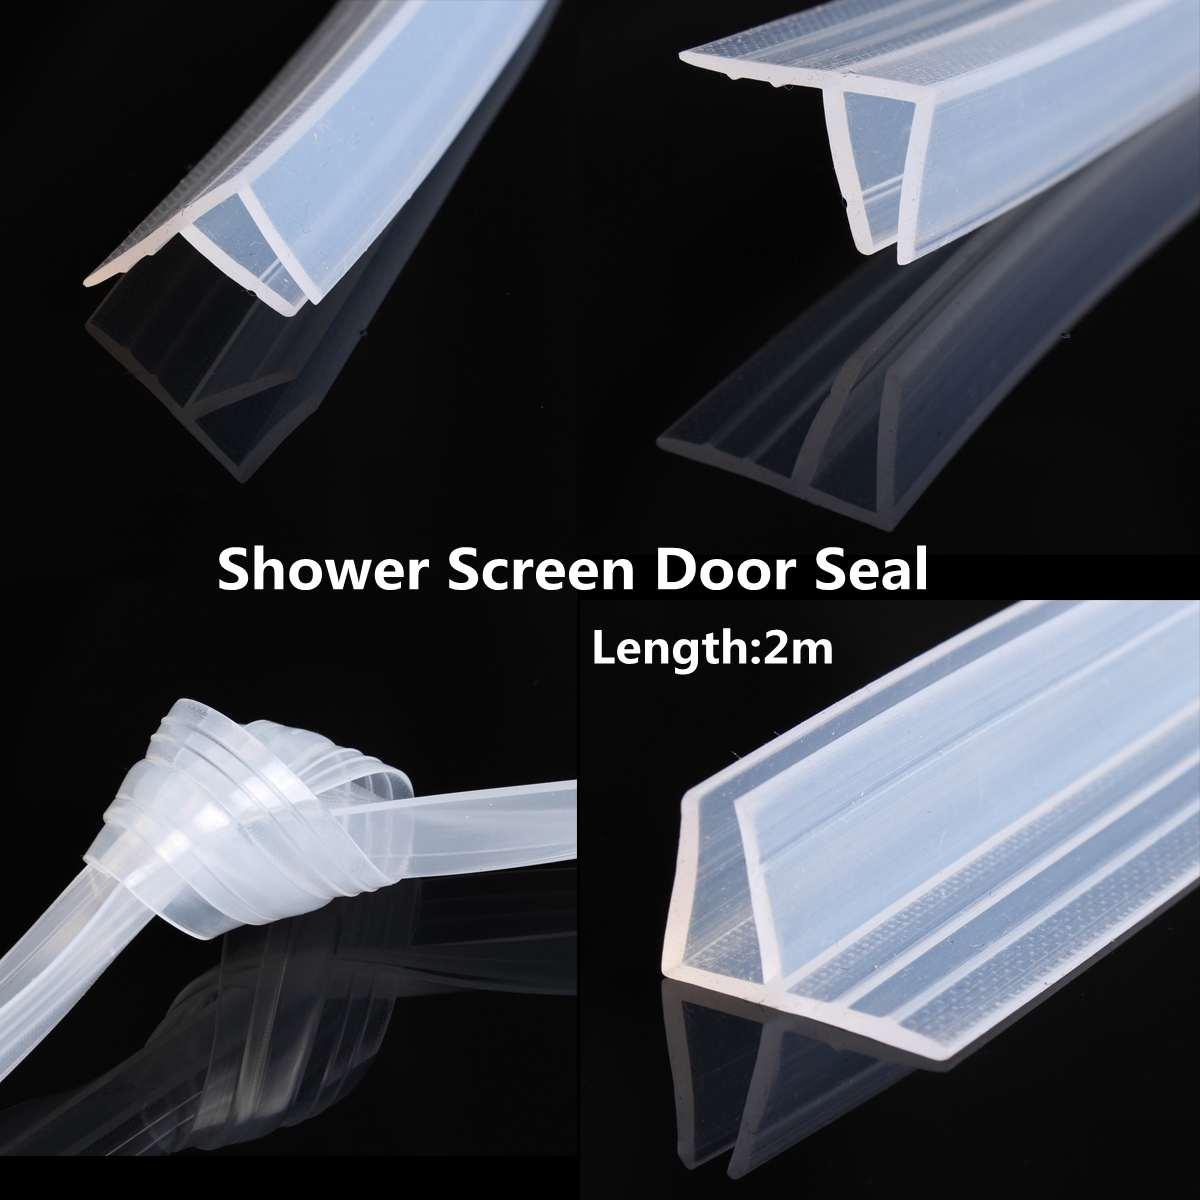 2m 6/8MM Plastic Rubber Bathroom Shower Screen Door Sealing Strip Glass Window Seal Strips Door Window Glass Fixture Accessories